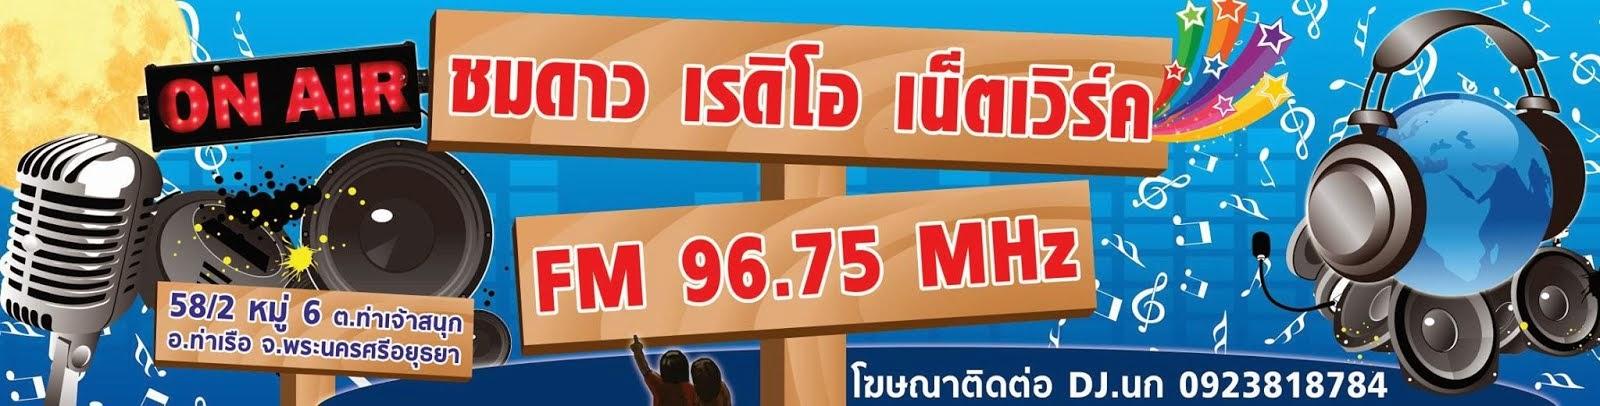 ชมดาวเรดิโอ FM 96.75 MHz